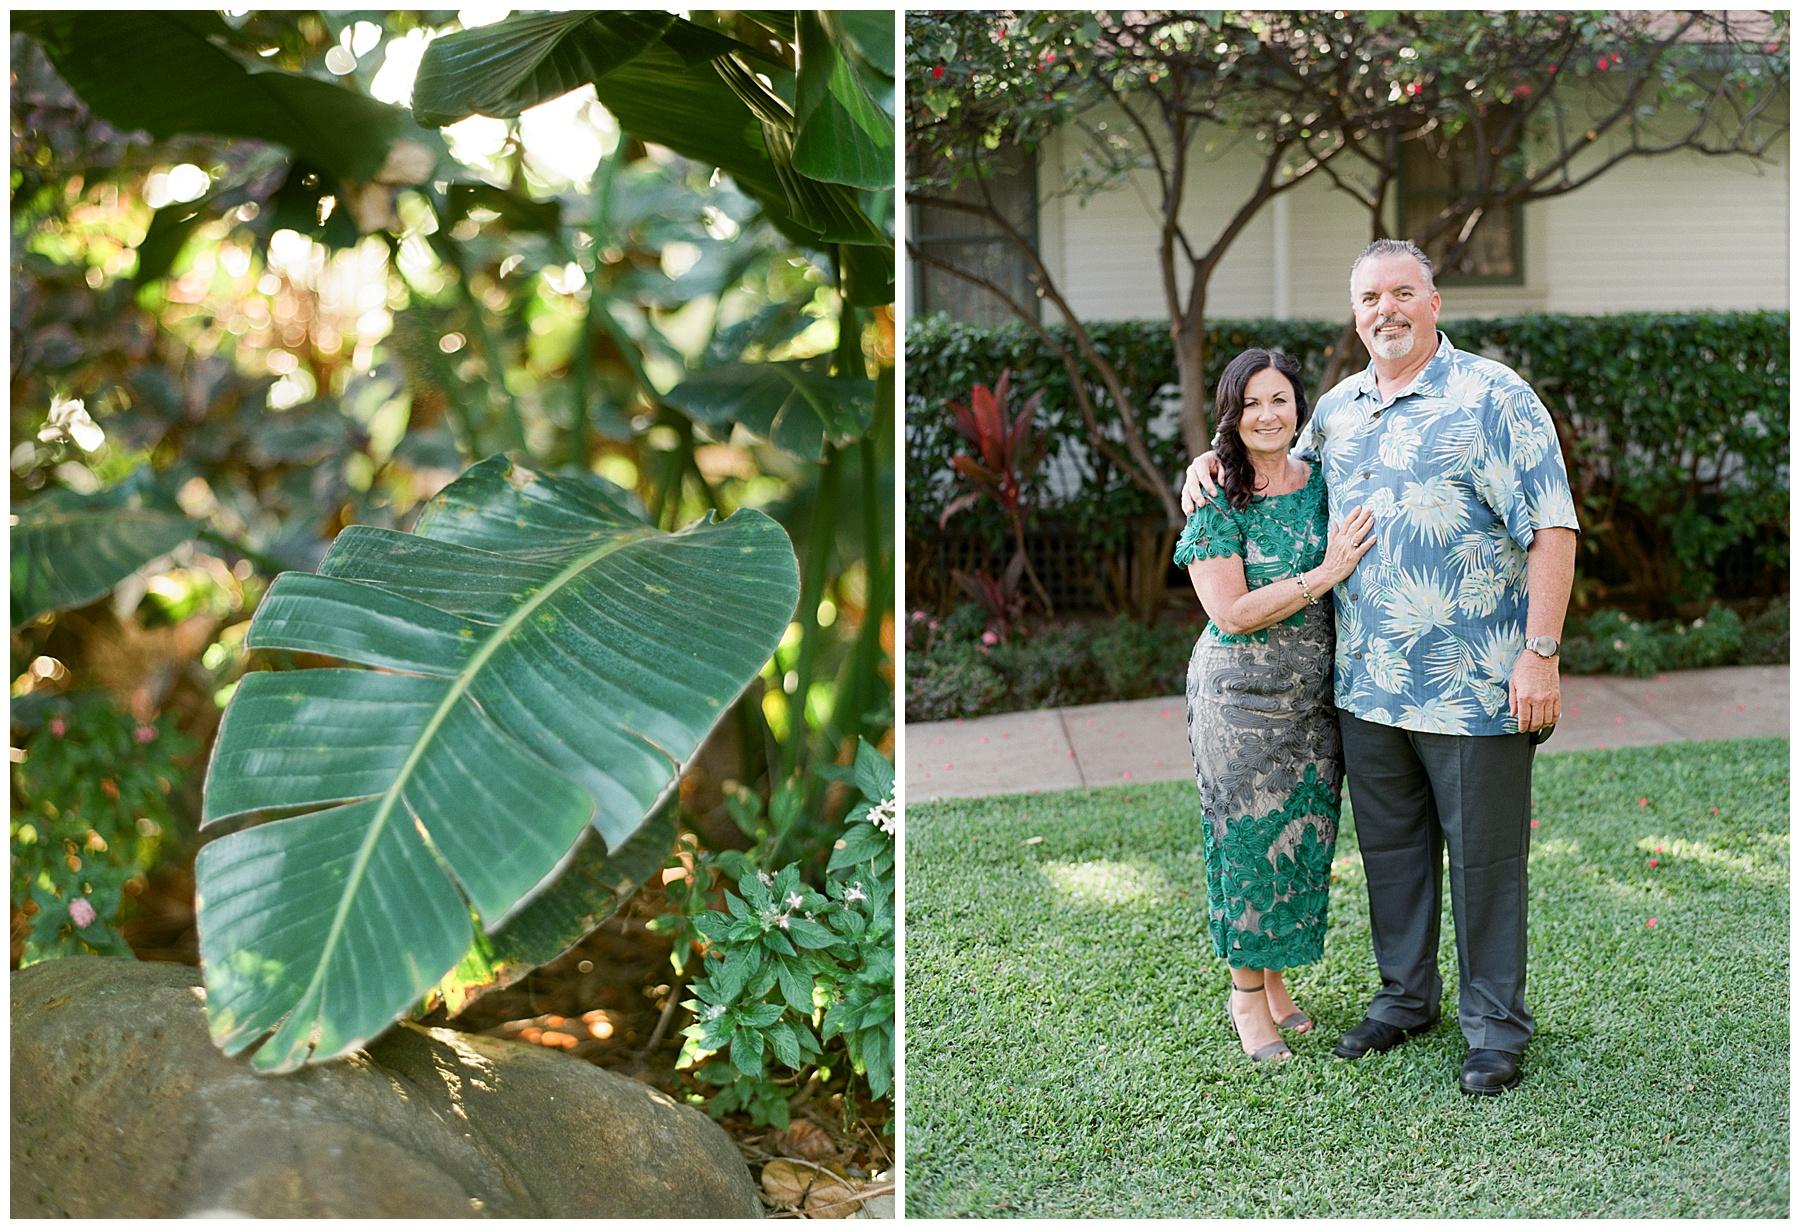 Olowalu-plantation-house-maui-hawaii-wedding-138.jpg